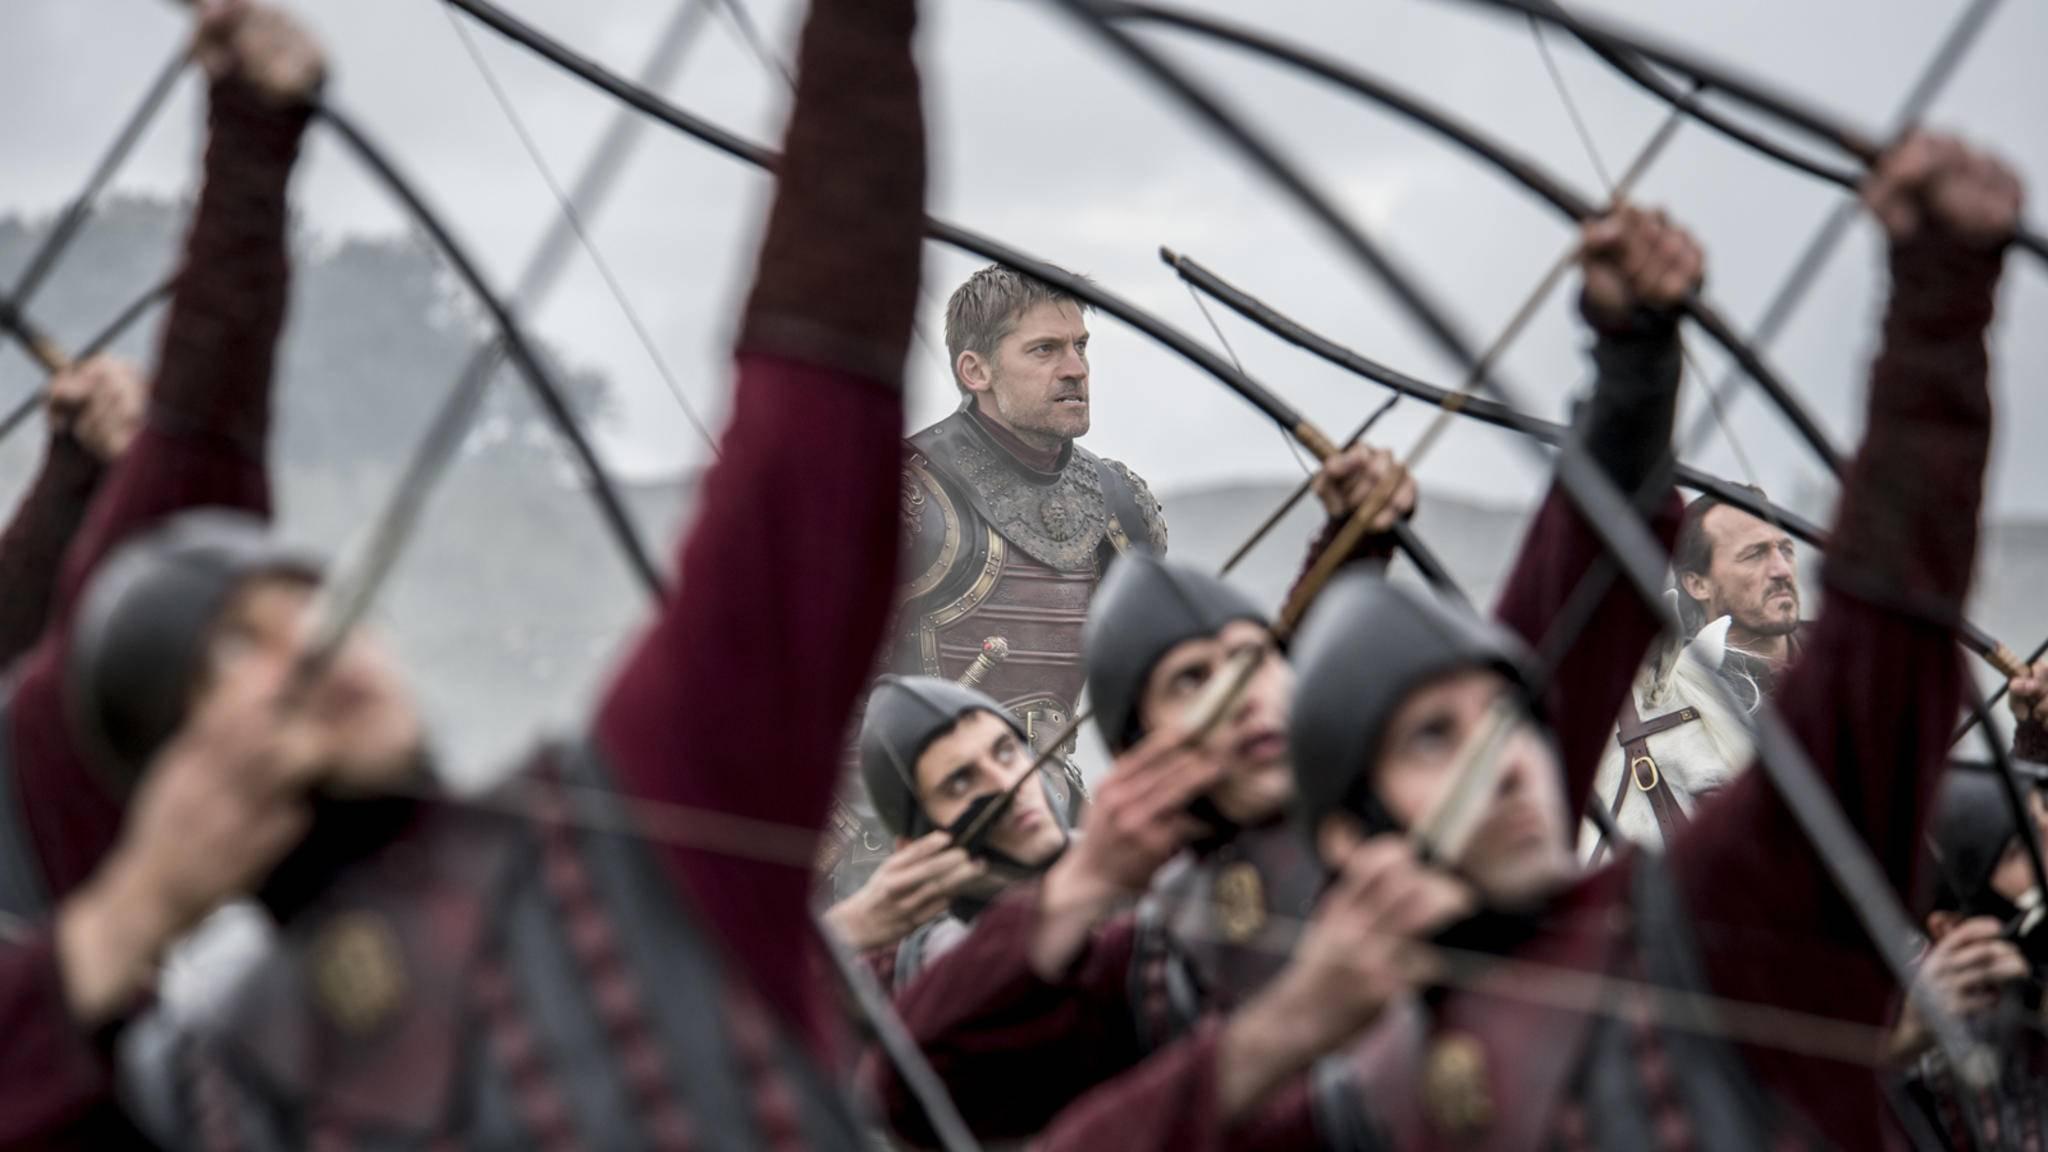 Die Goldene Kompanie soll die Lannisters im Kampf unterstützen.